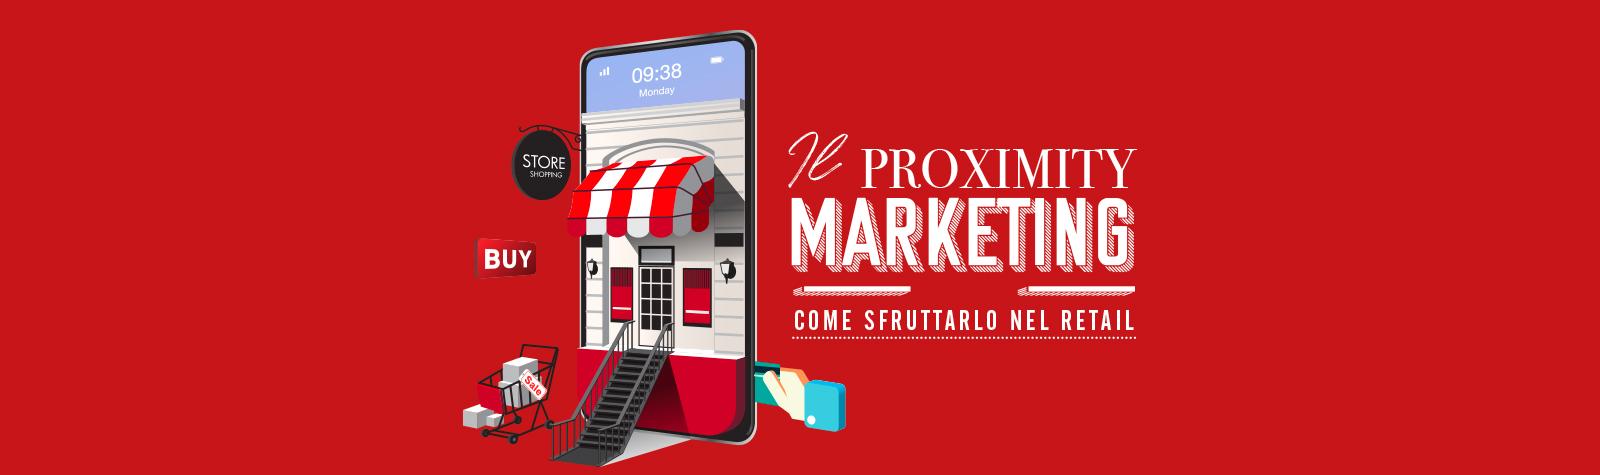 Il proximity marketing: come sfruttarlo nel retail